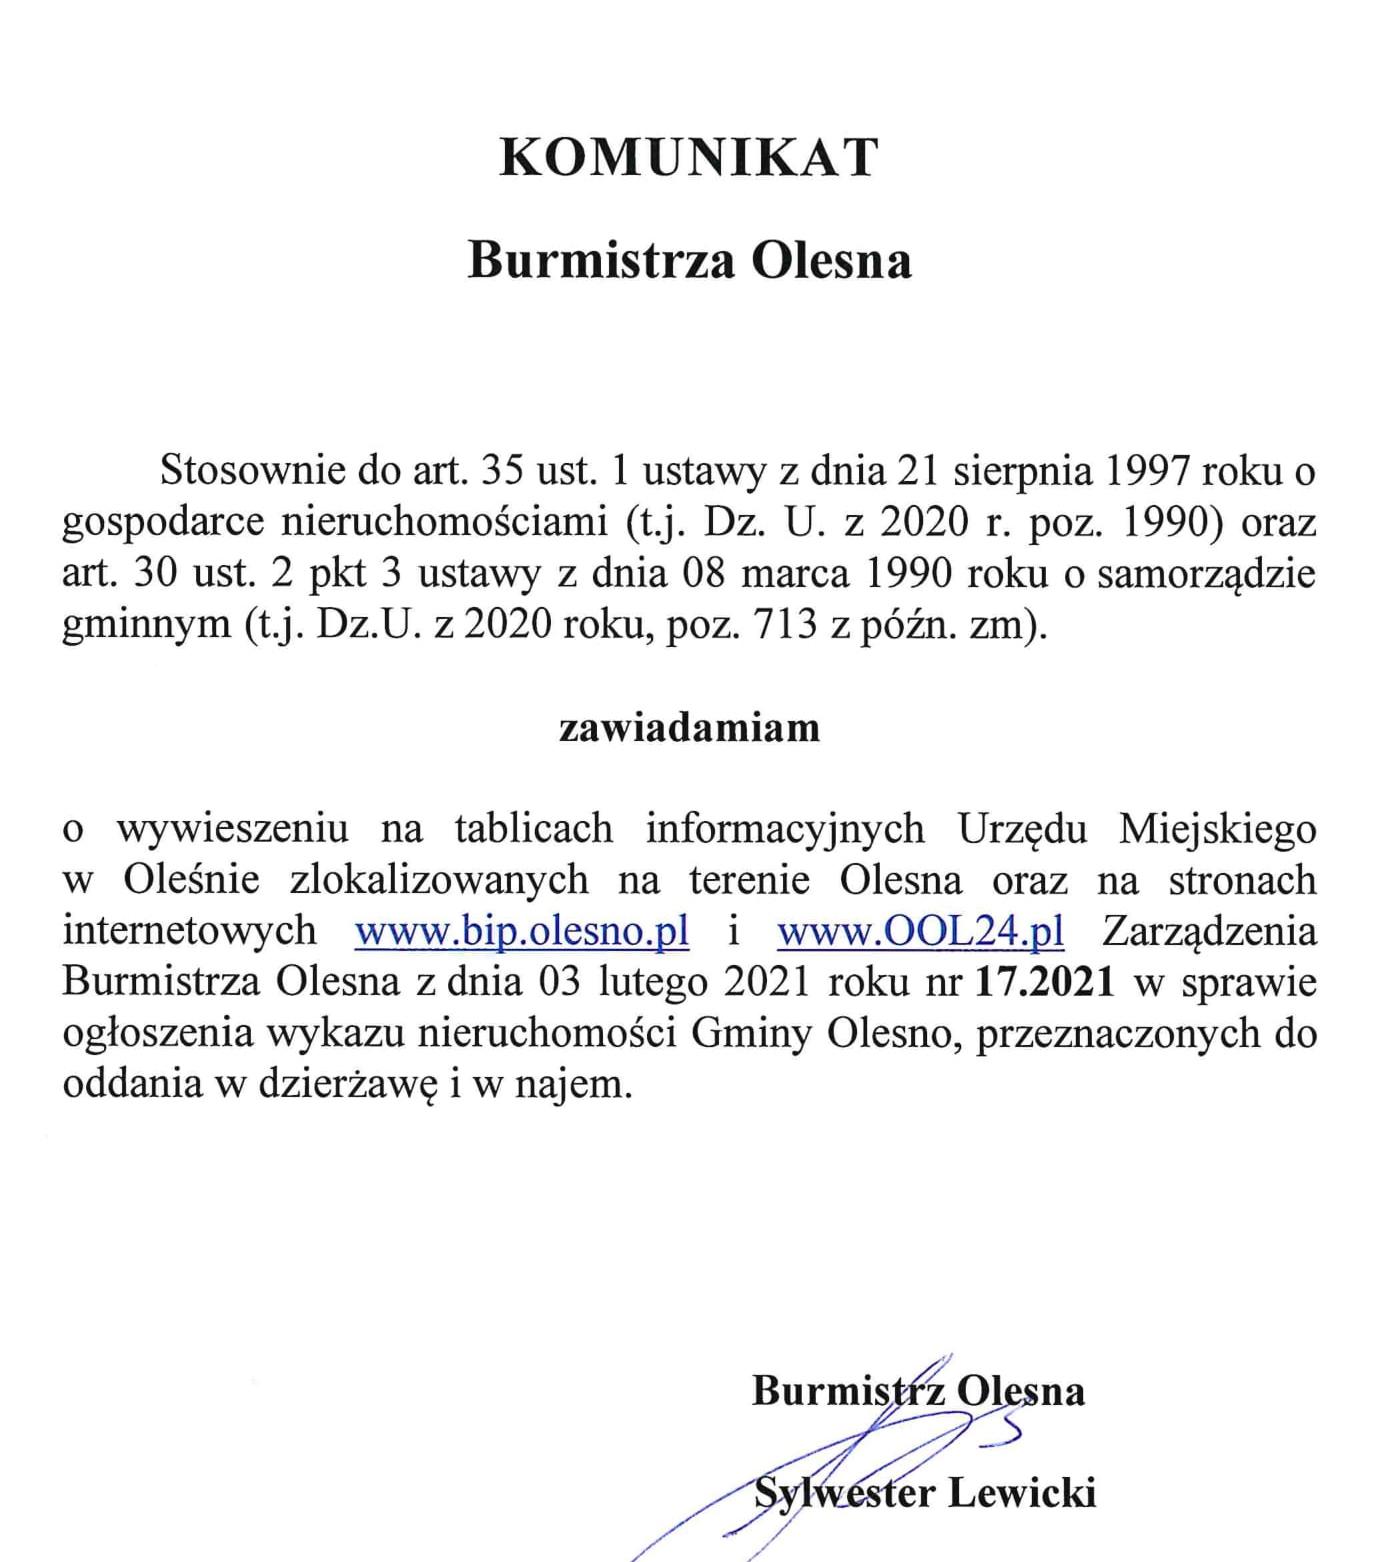 komunikat-burmistrza-publikacja-zarzadzenia-nr-17-2021-1